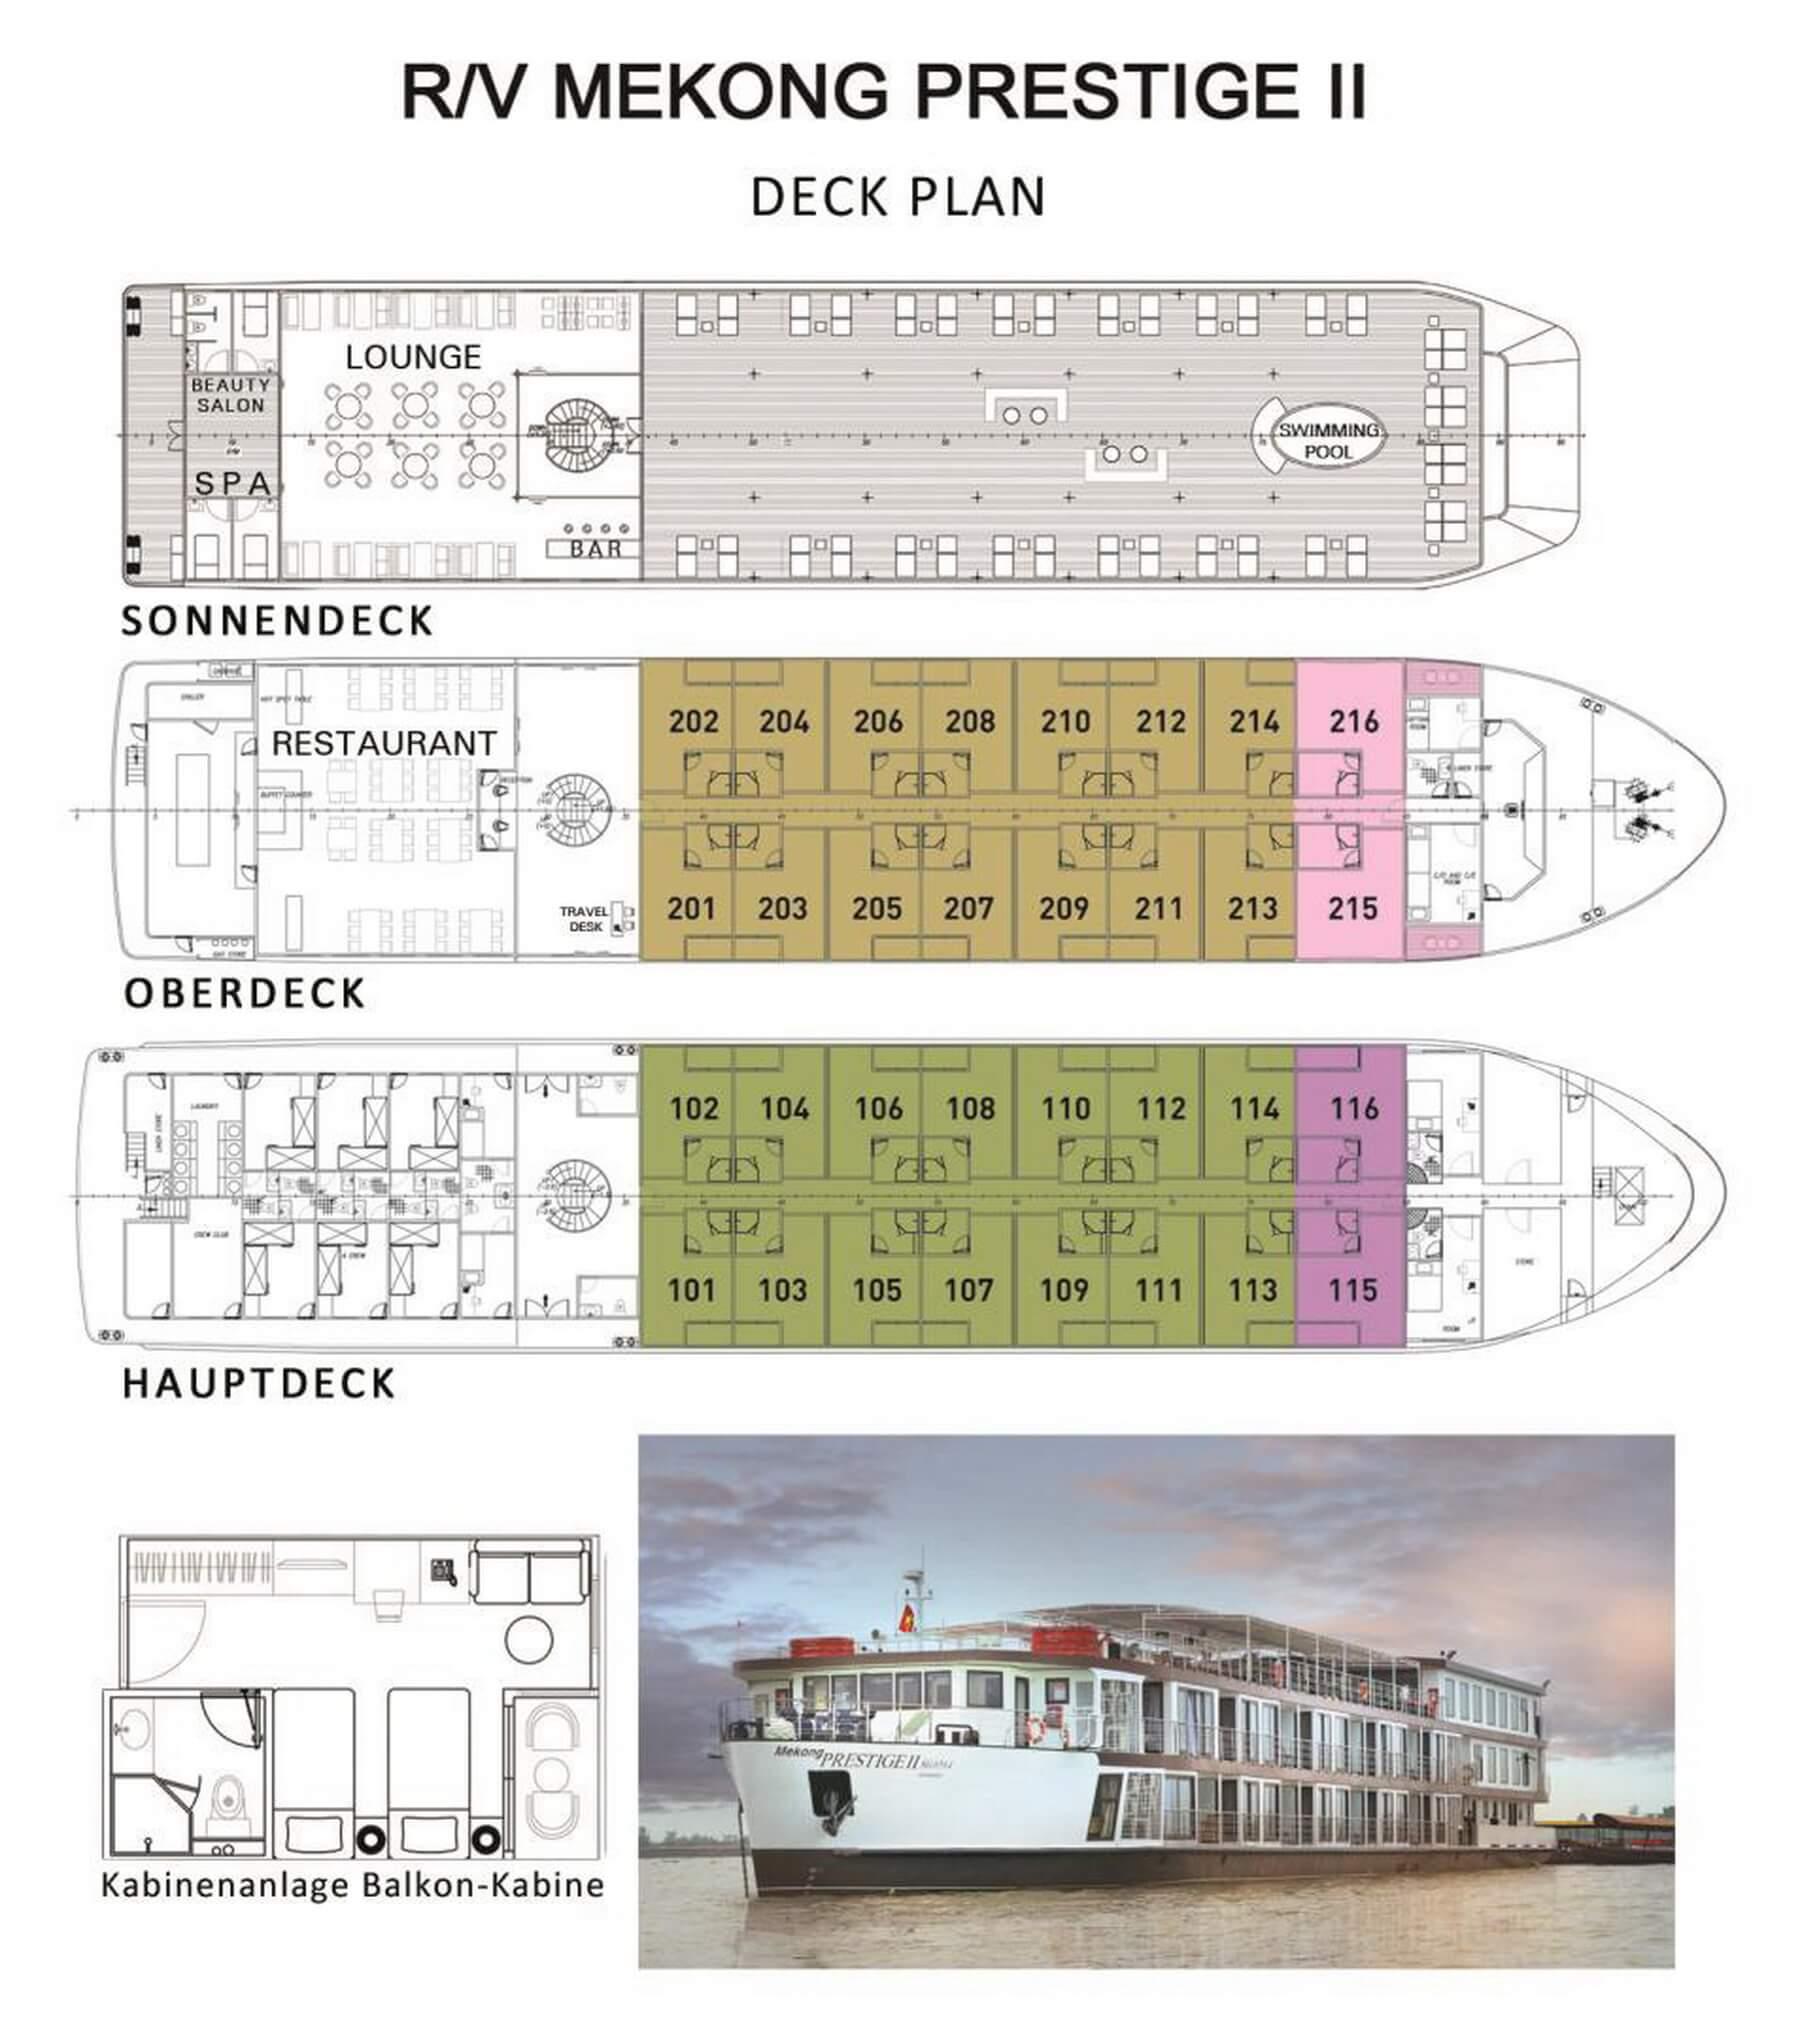 Der Deckplan der Mekong Prestige II zeigt die Verteilung der Kabinen auf dem Kreuzfahrtschiff